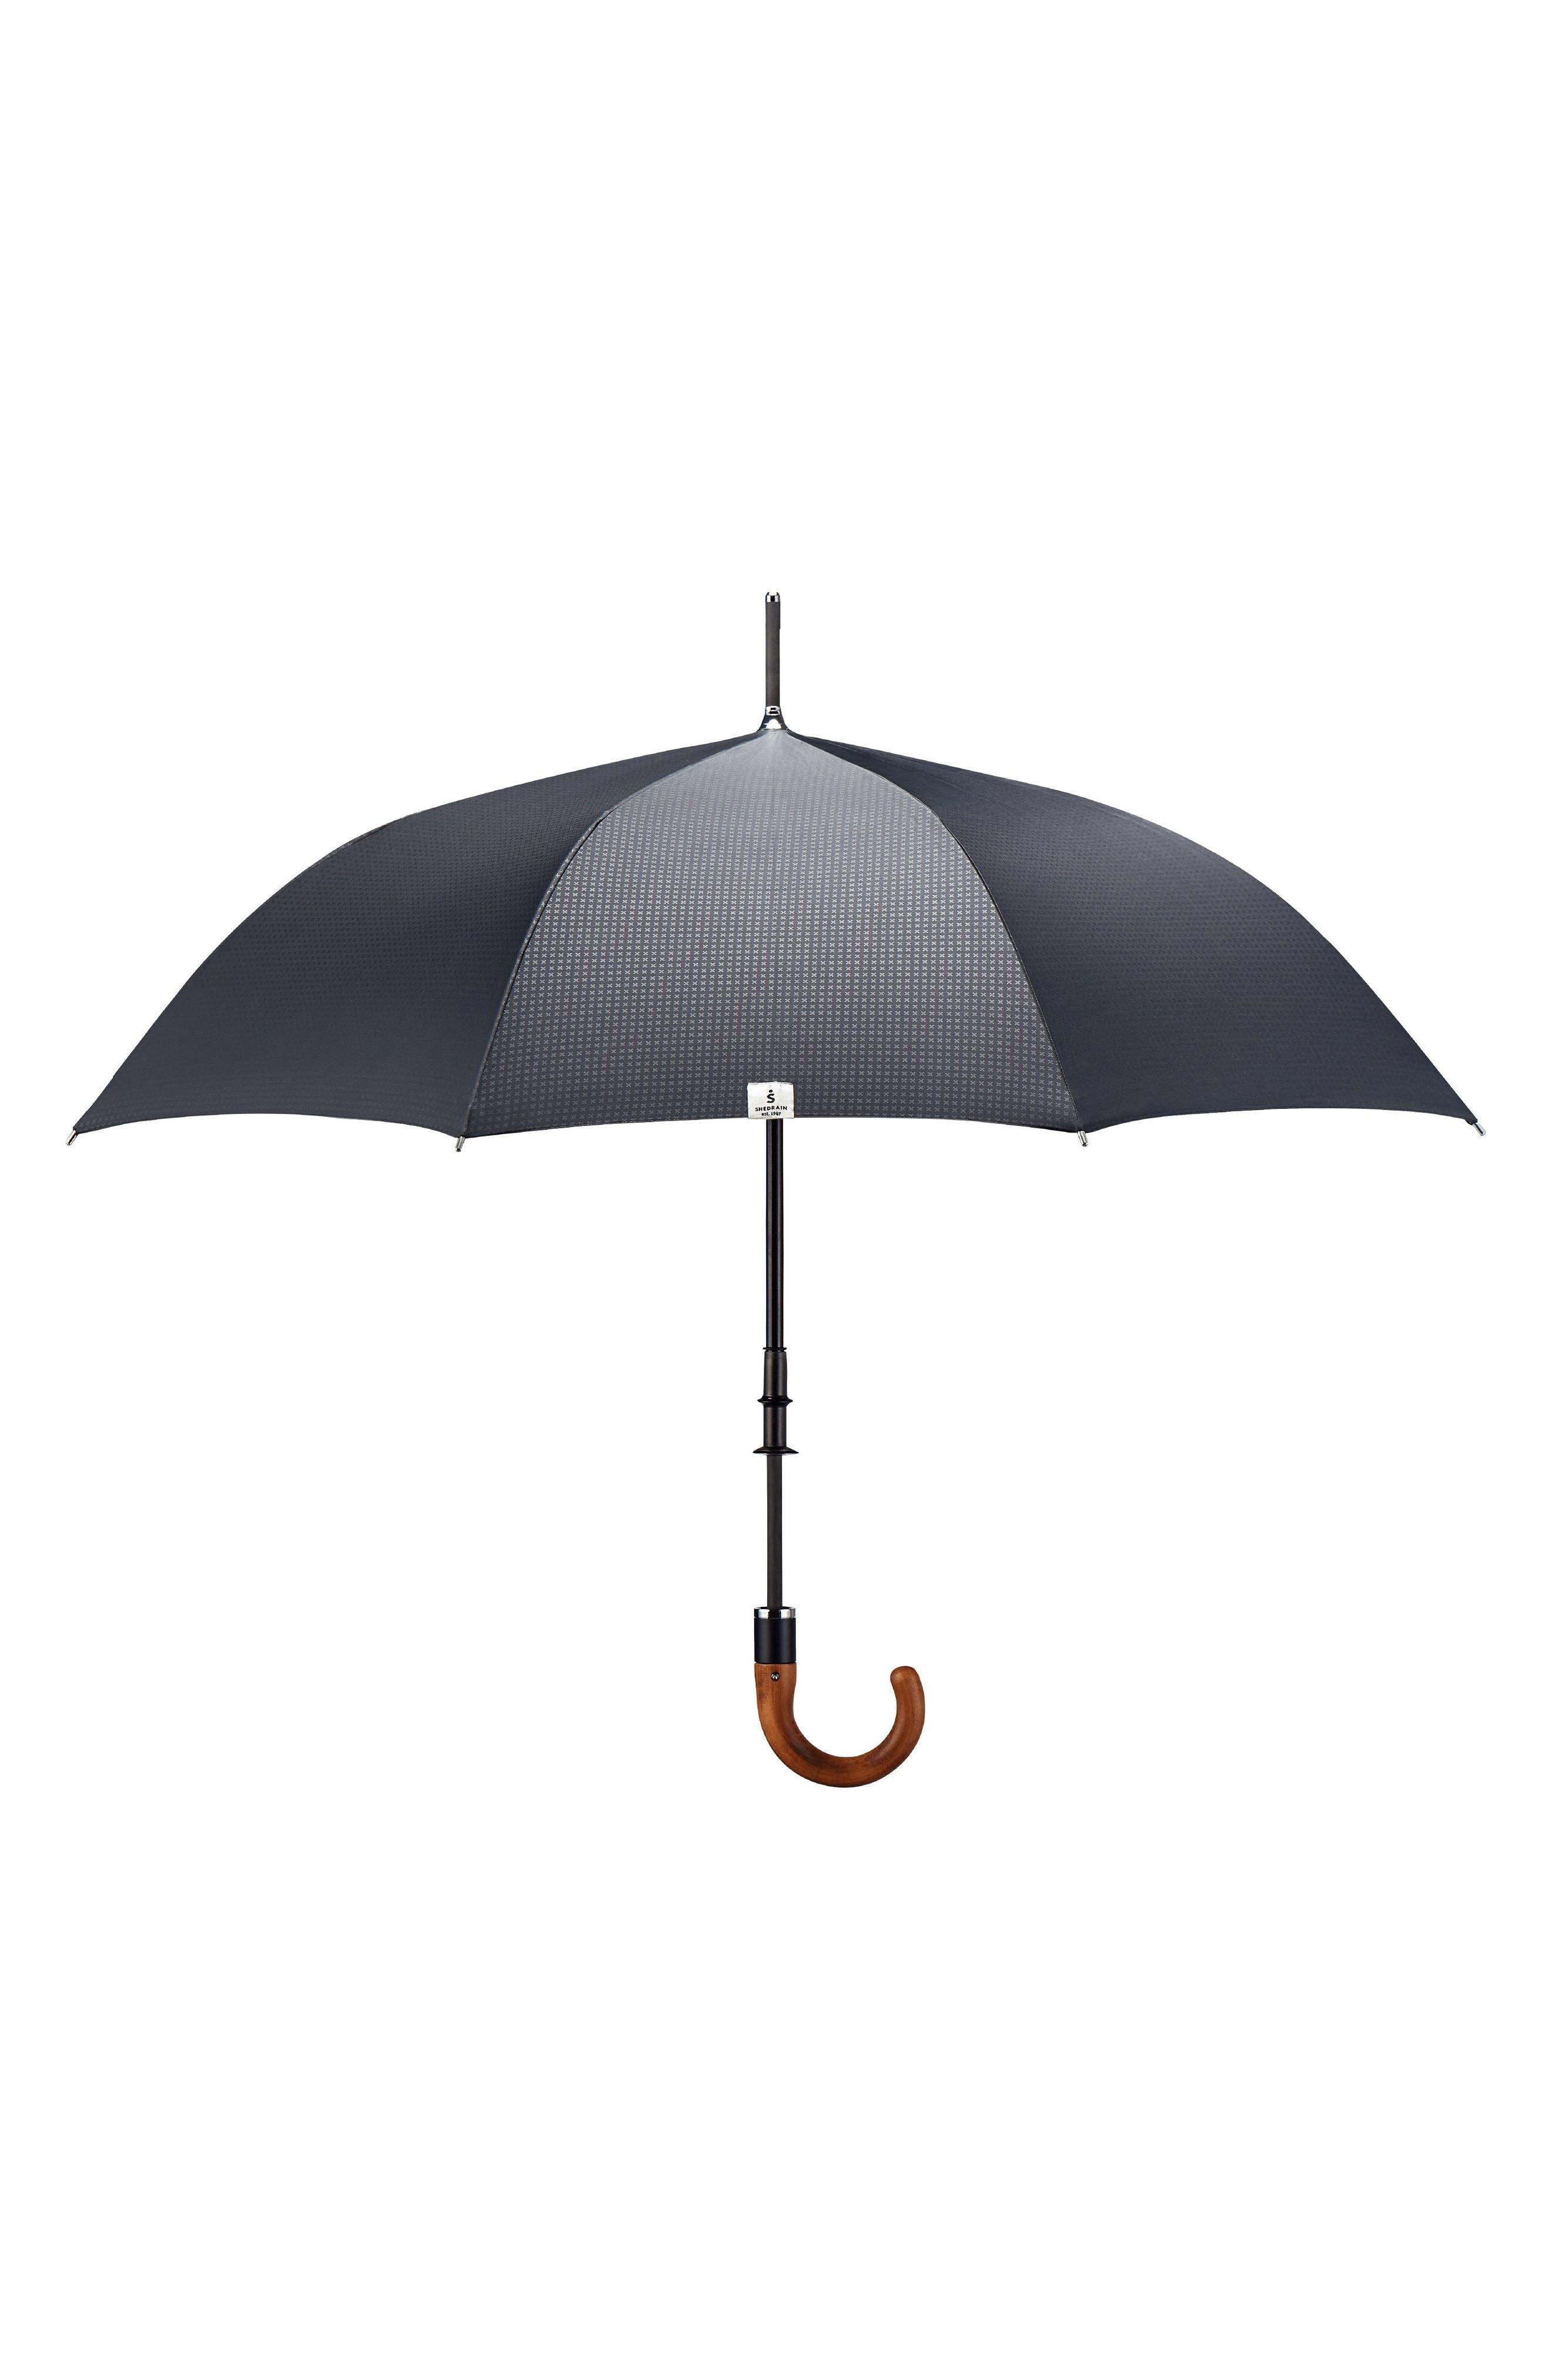 Stratus Auto Open Stick Umbrella,                             Alternate thumbnail 5, color,                             BLACK